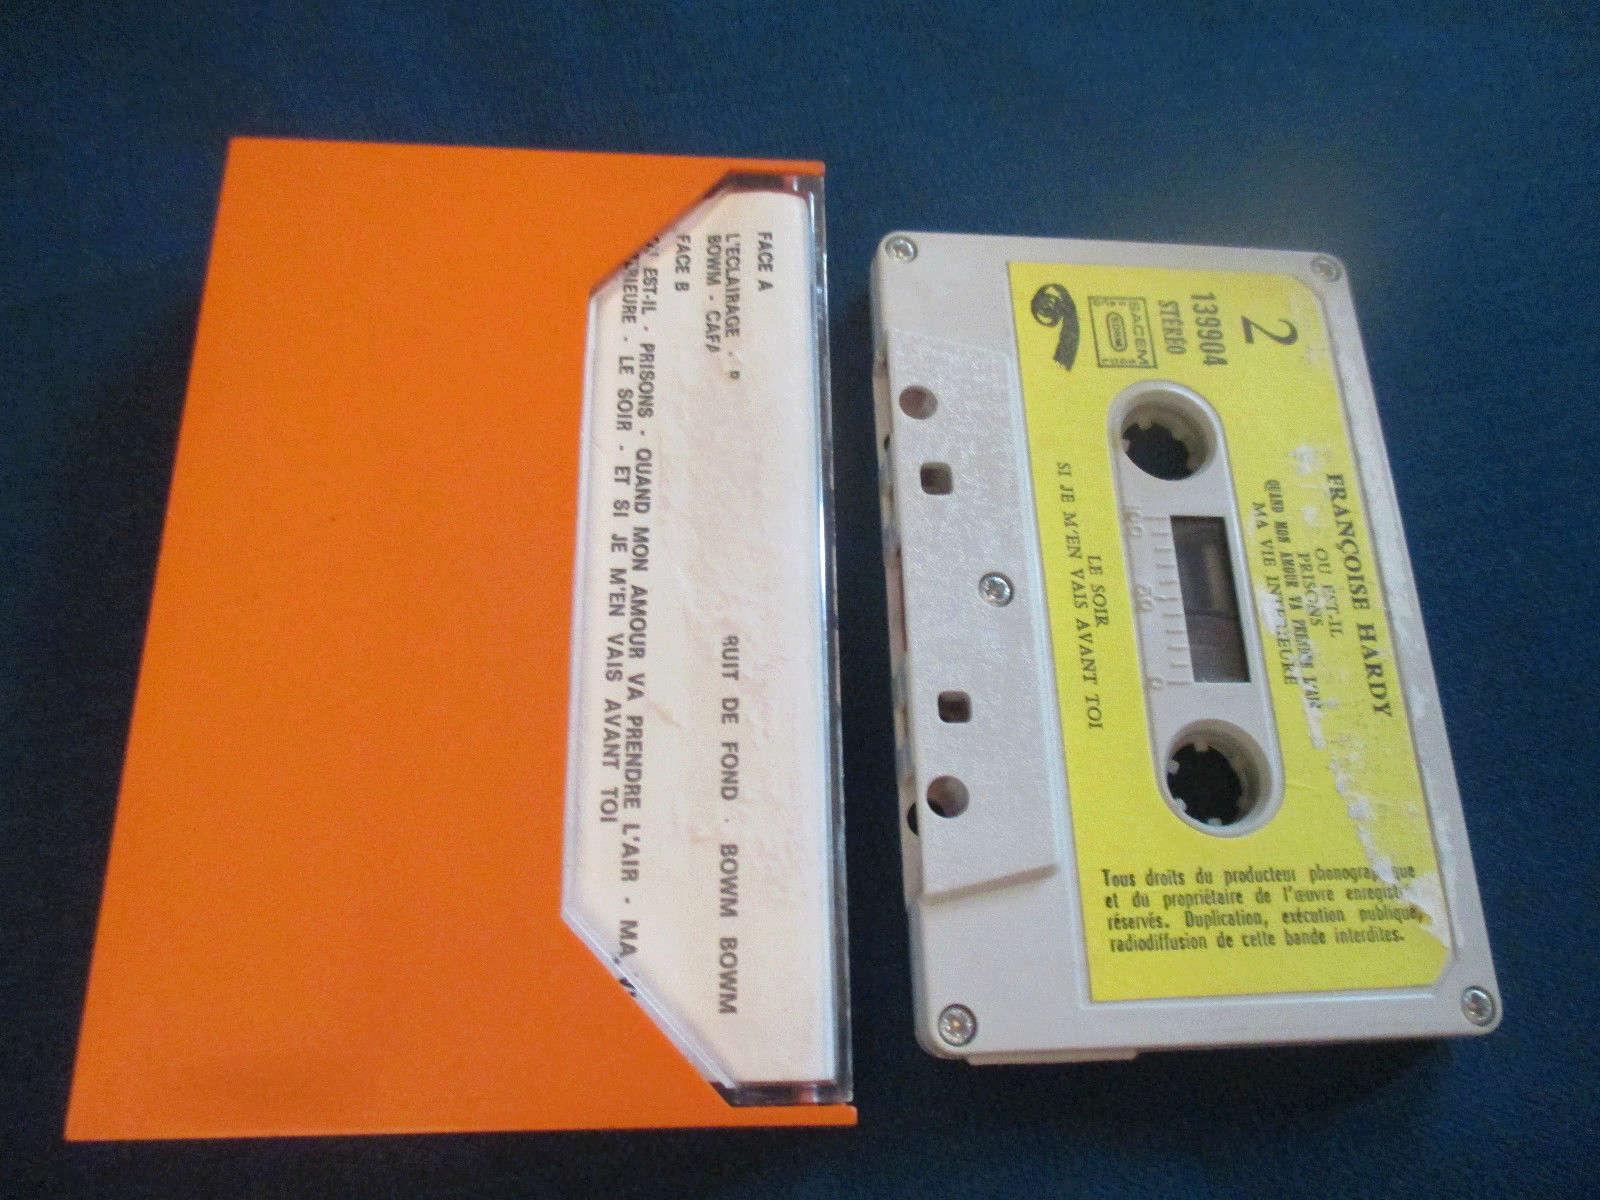 Les cassettes Vogue / Philips - Page 2 _57_110